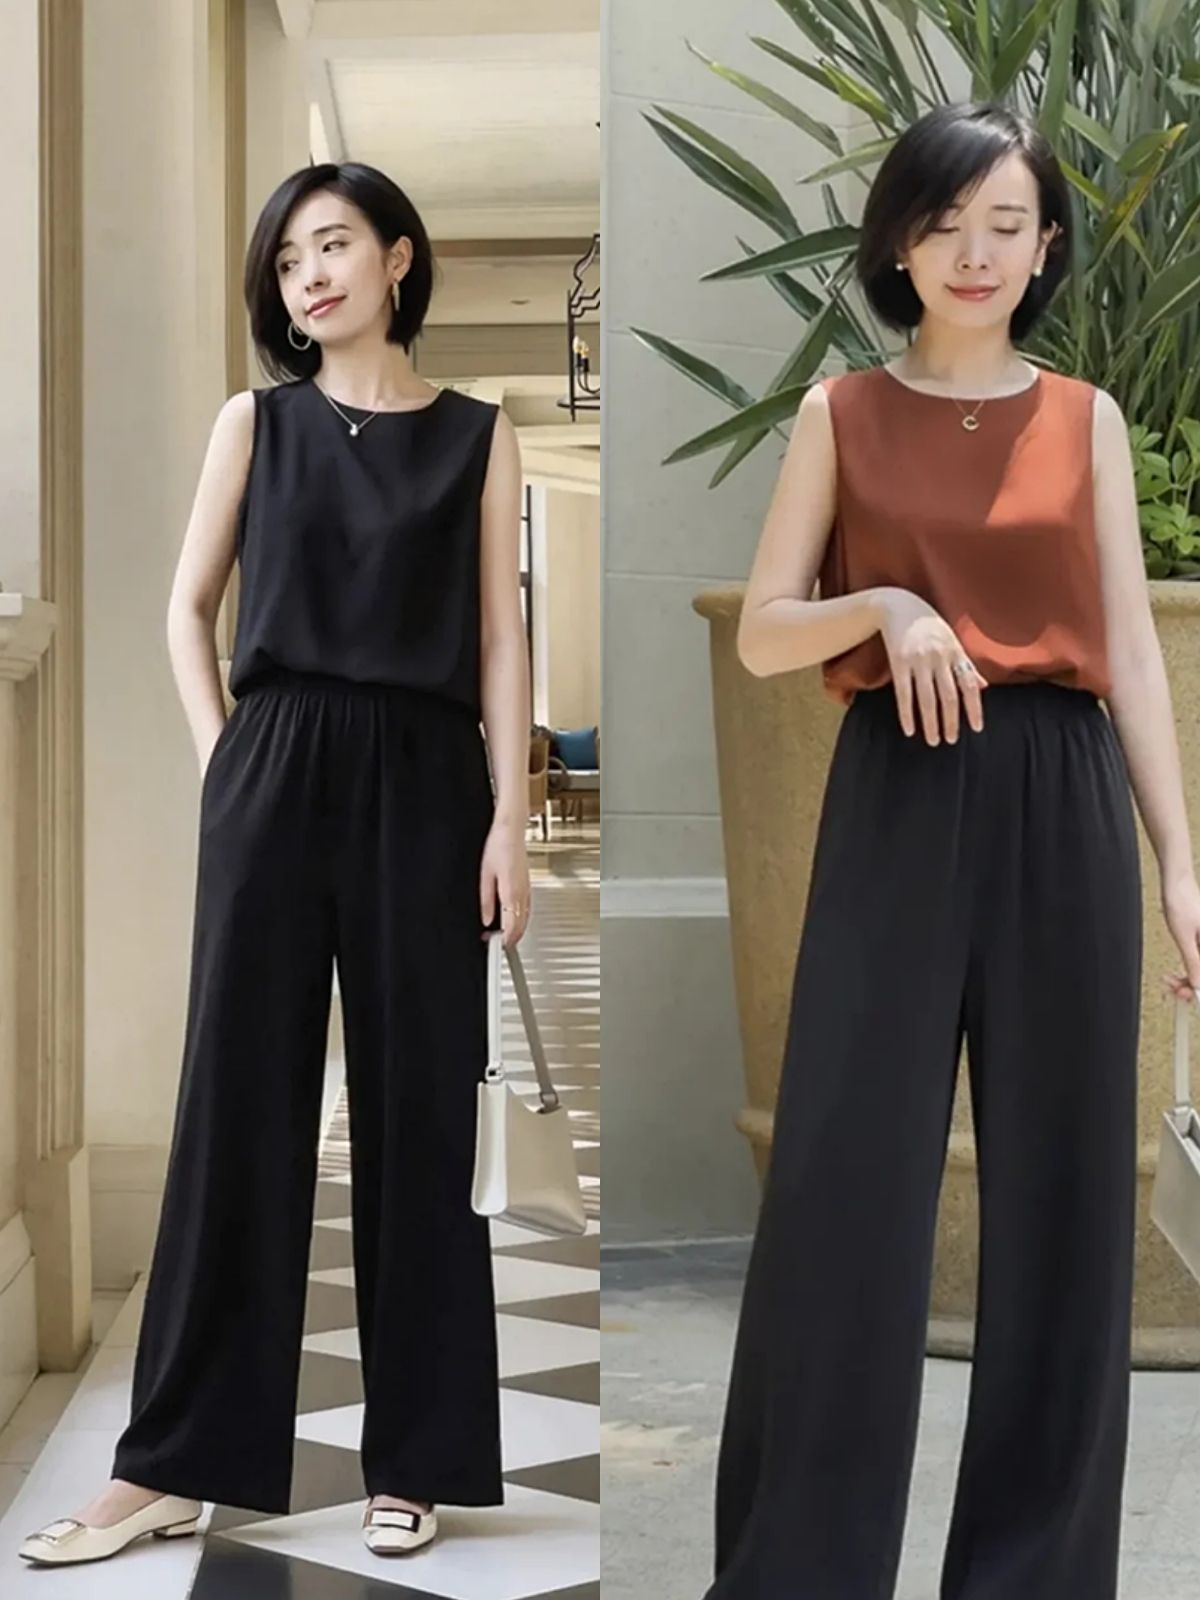 40岁女人穿什么裤子才高级?选这3种盛行款,恬静大方、气质飙升_日本娱乐新闻